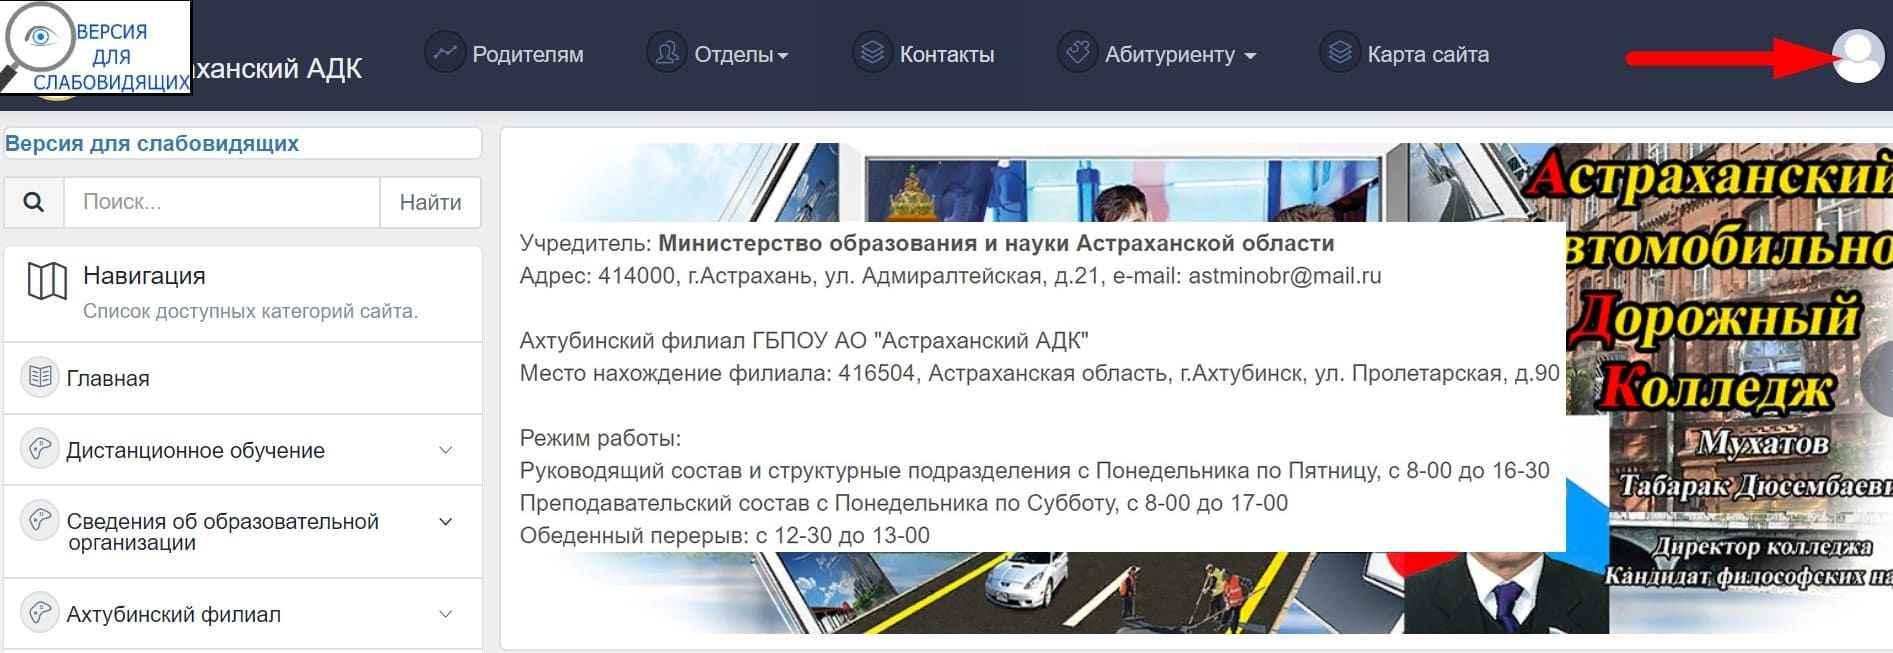 Астраханский АДК Мудл